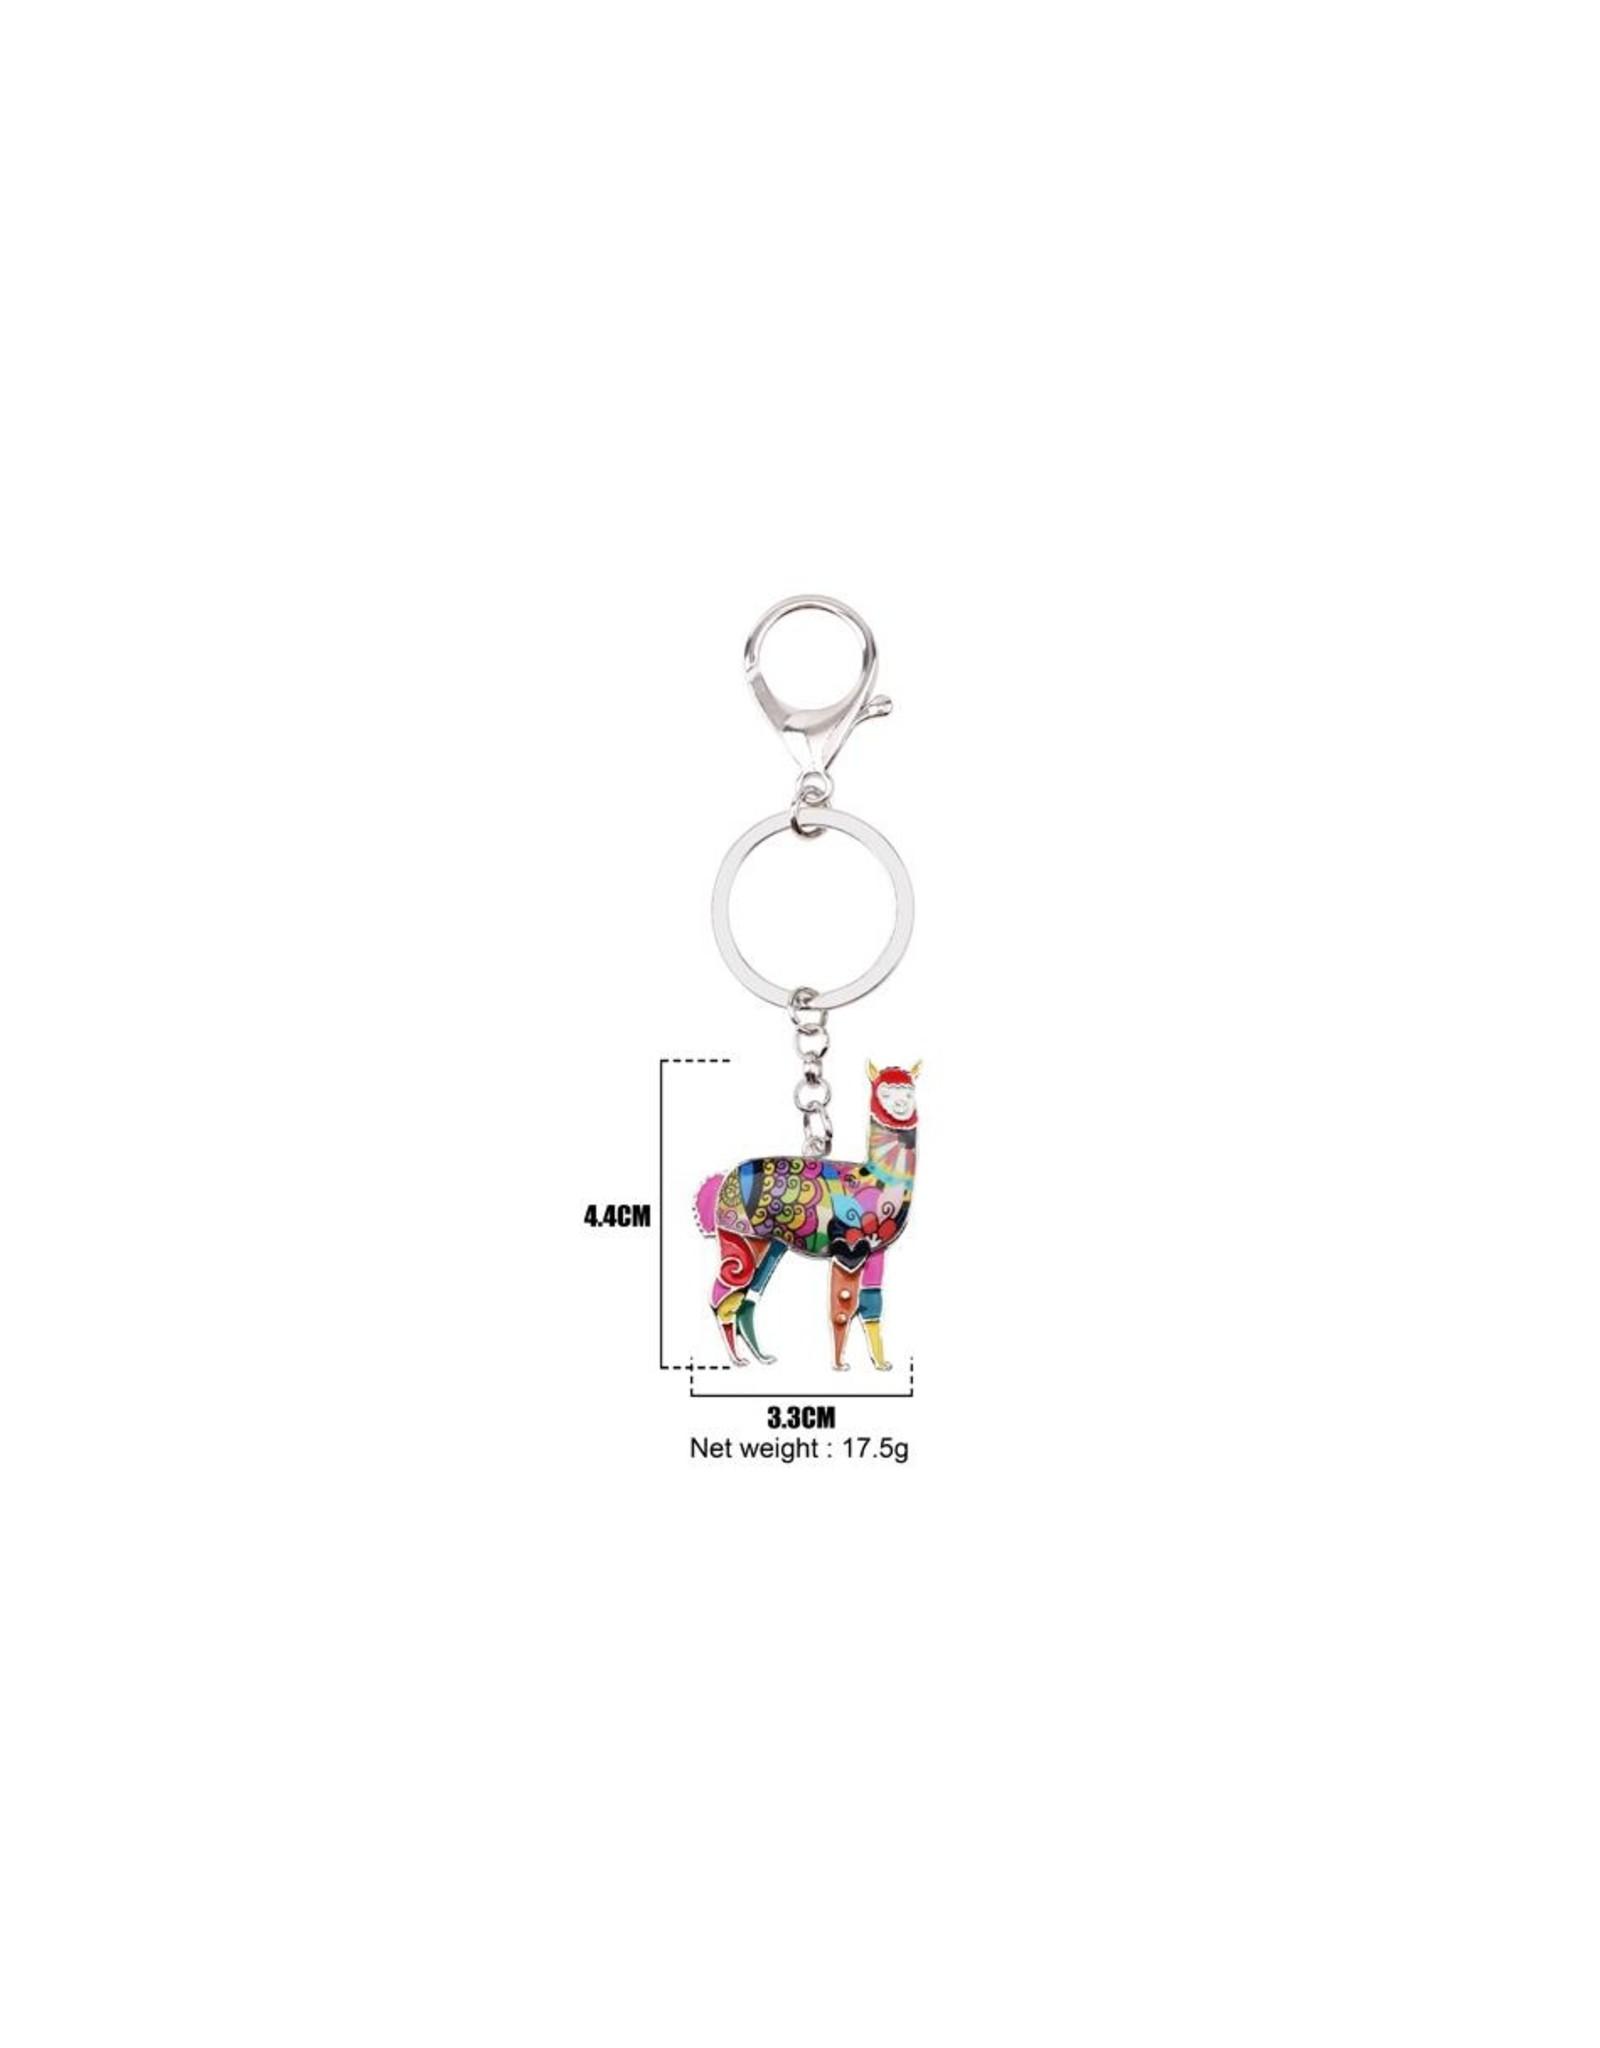 Alpaca Keychain Charm